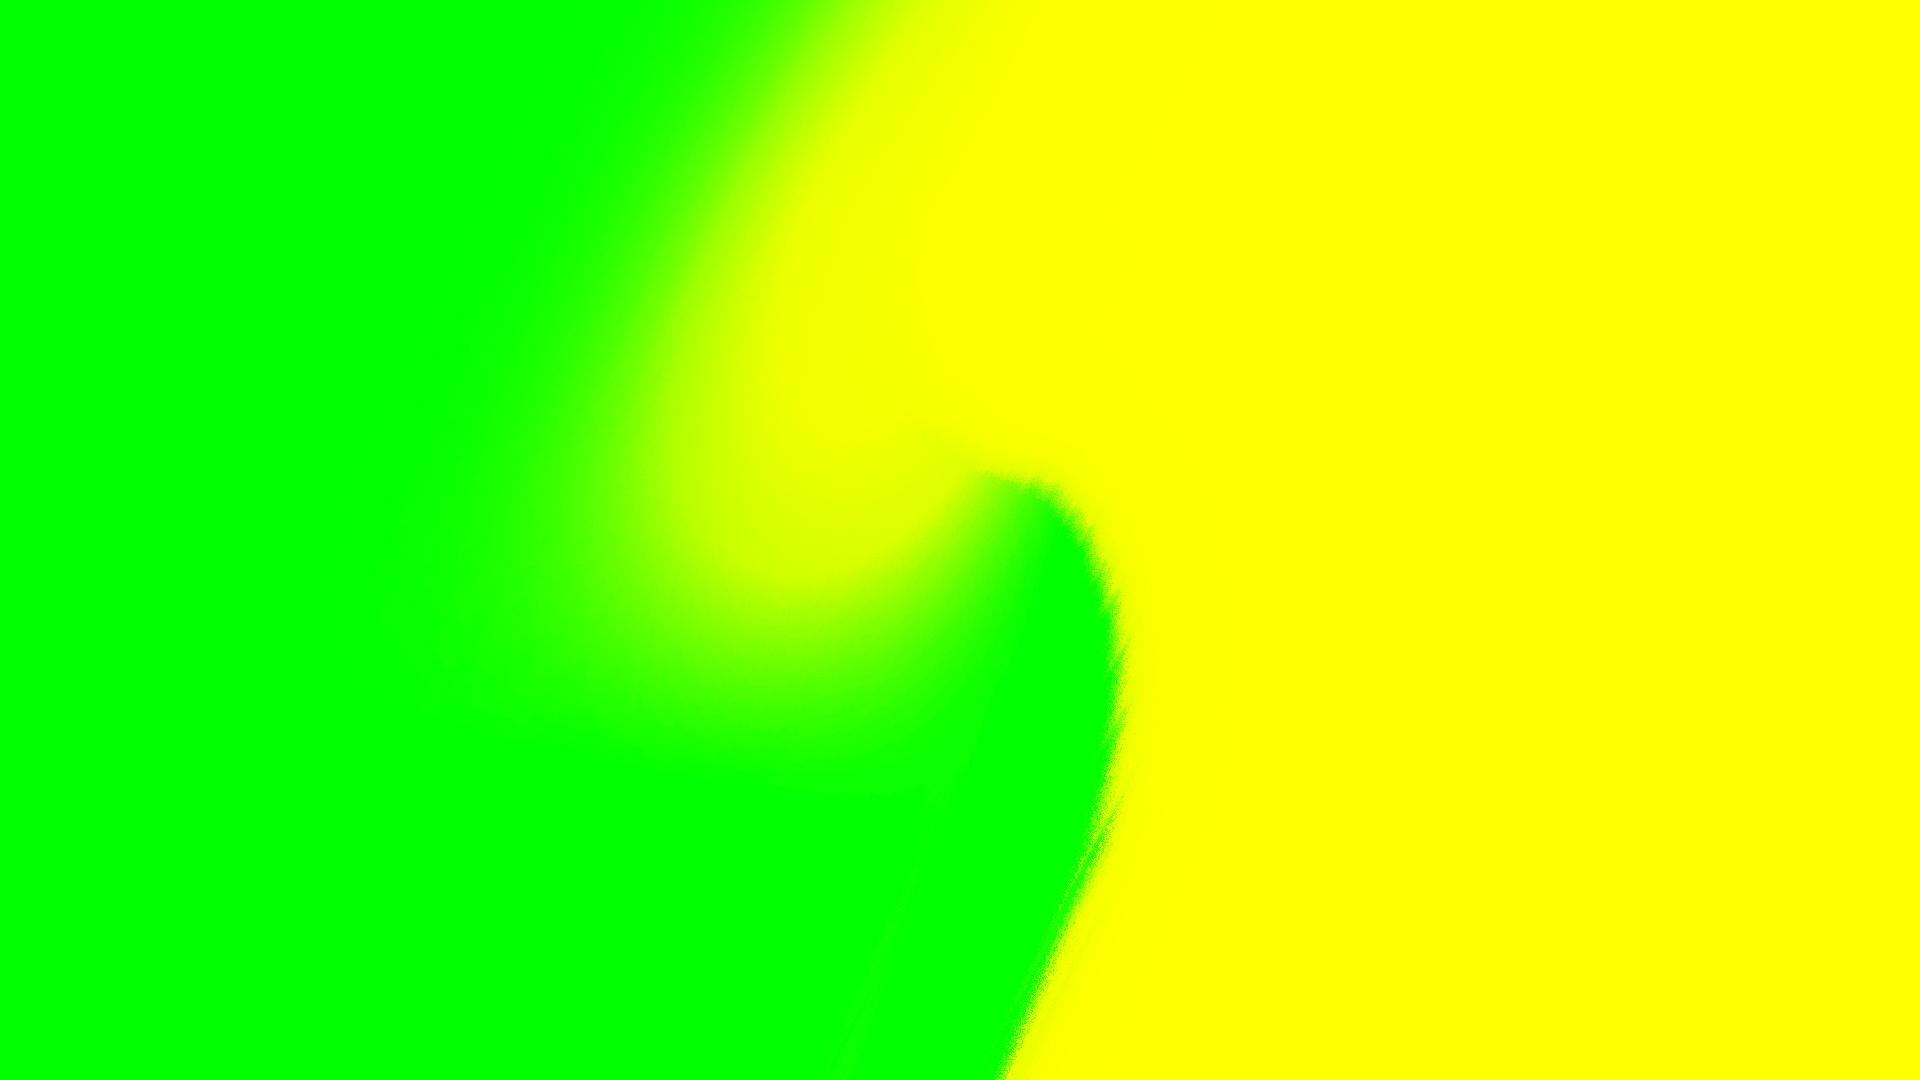 Ядовитый цвет картинки